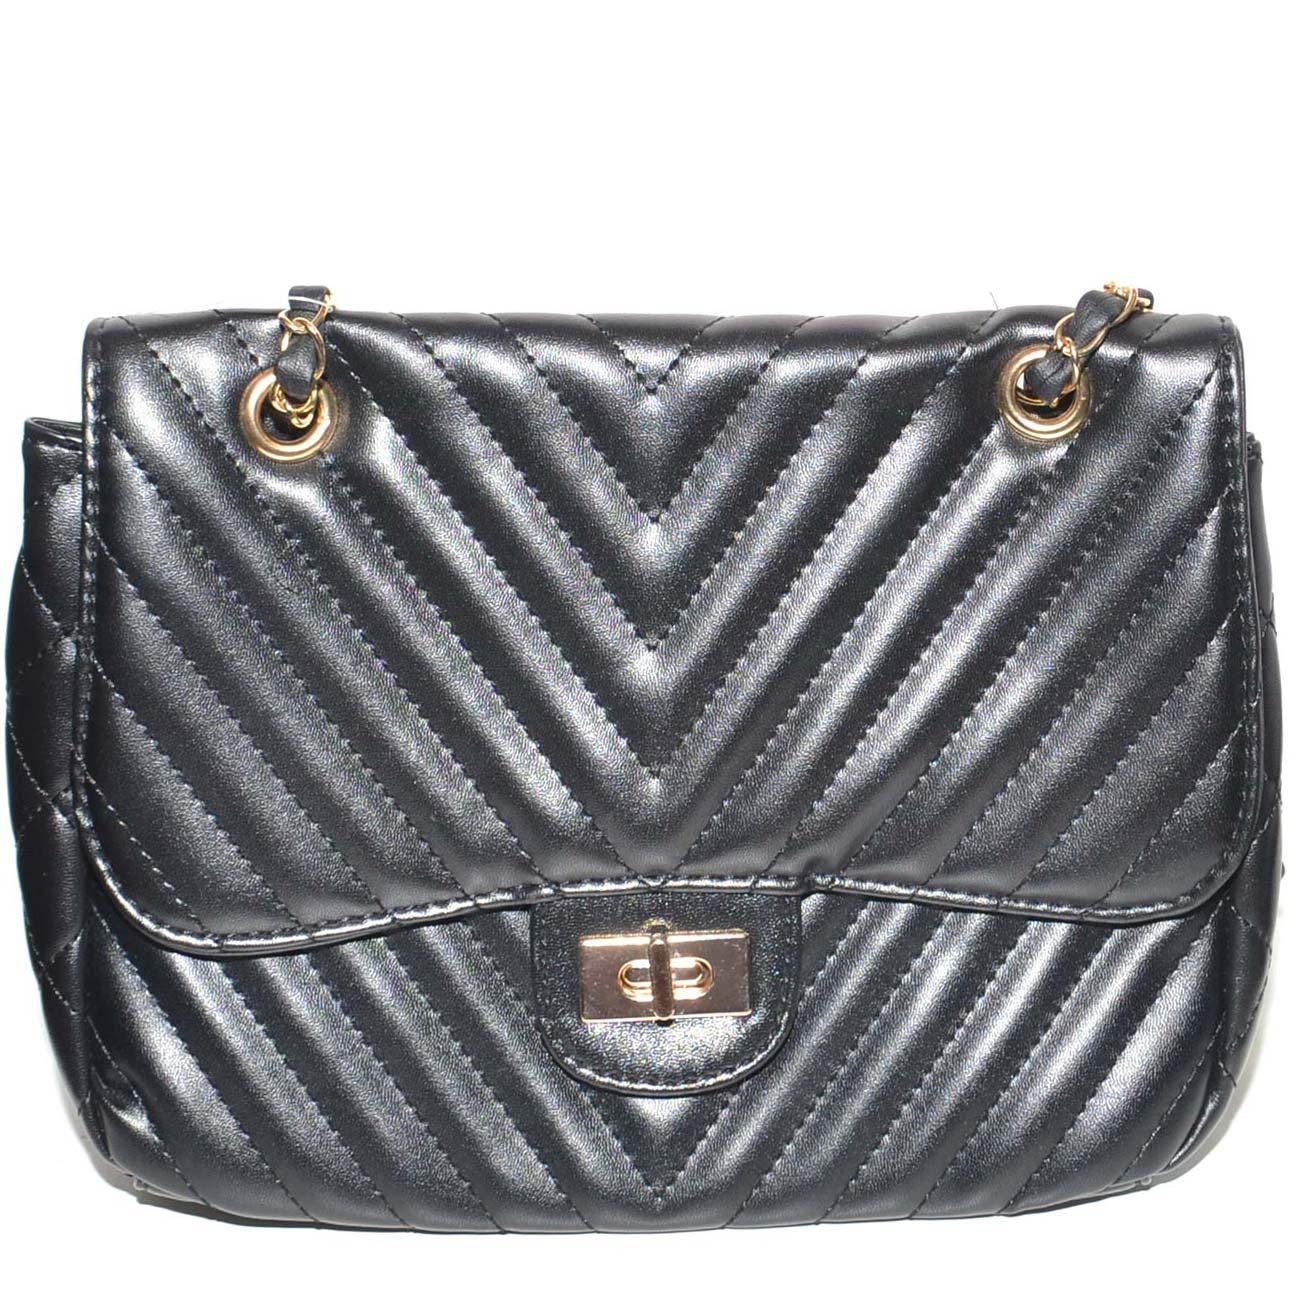 6c83dc2b01 Pochette donna borsa piccola in pelle ecologica nera con cuciture  trasversali catena e gancio oro zip. Passa il mouse sopra per eseguire zoom